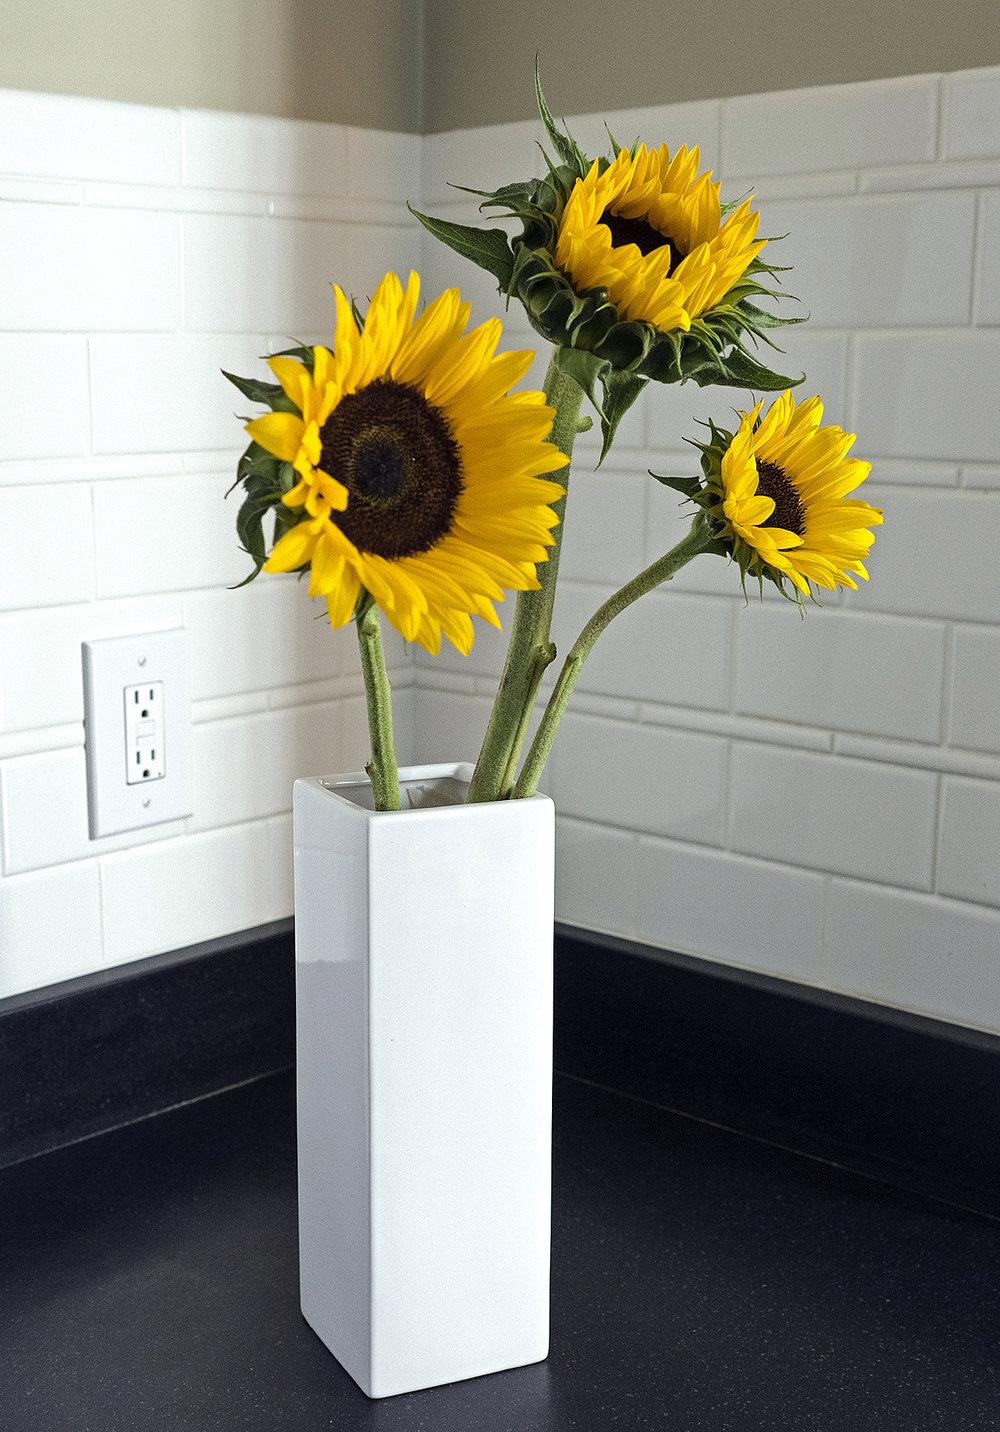 SunflowersinTallVase